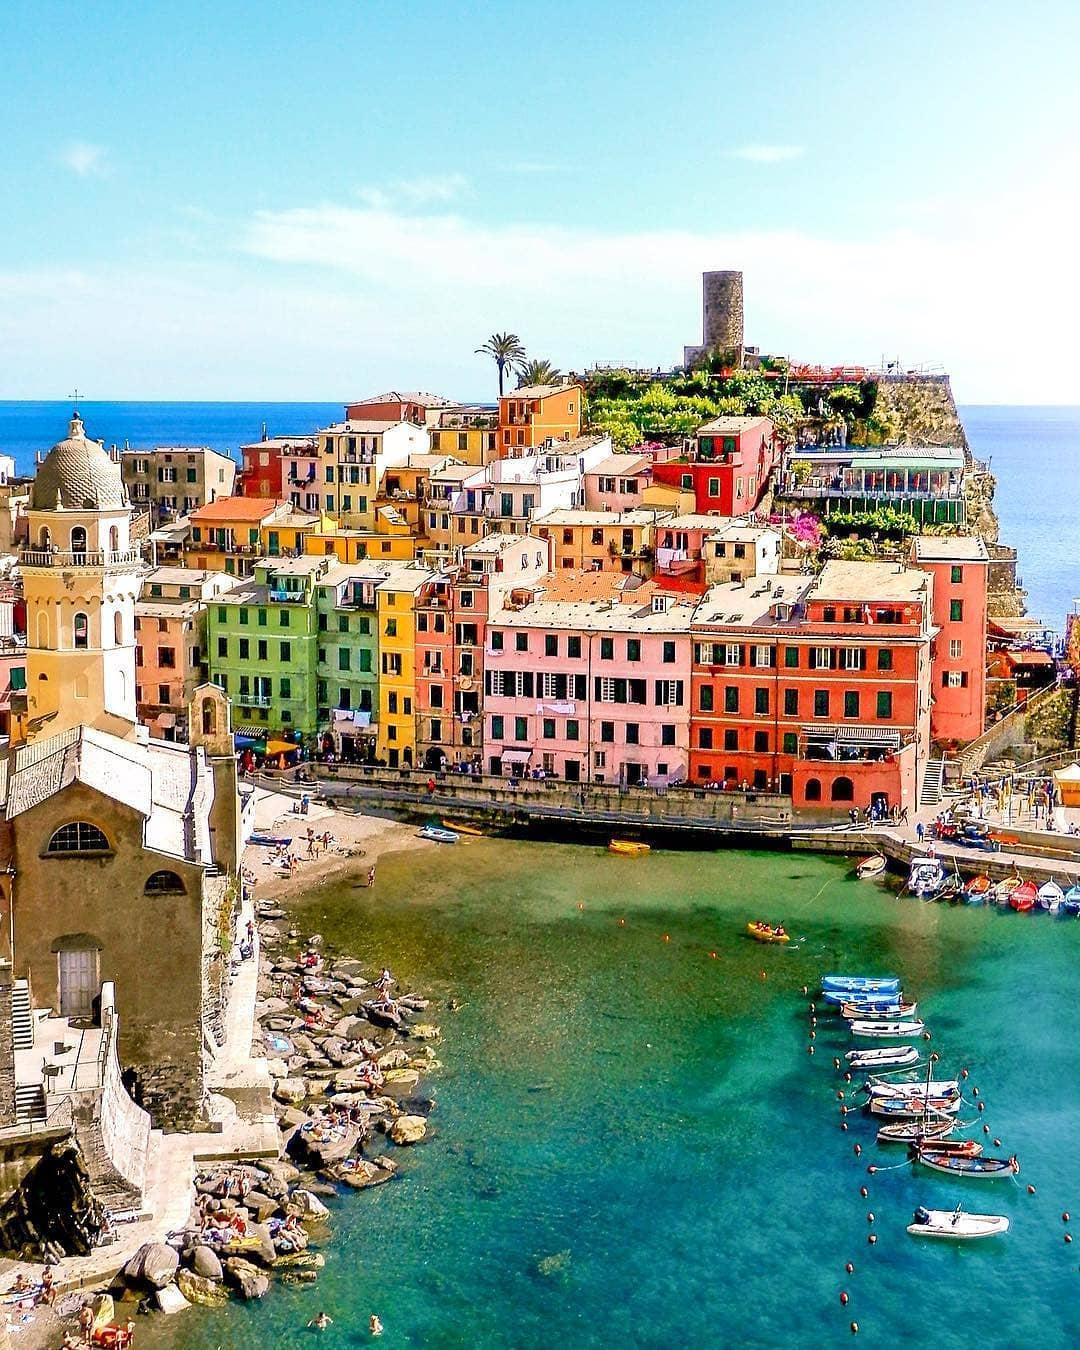 того, накамерный фото города ардеа в италии популярностью